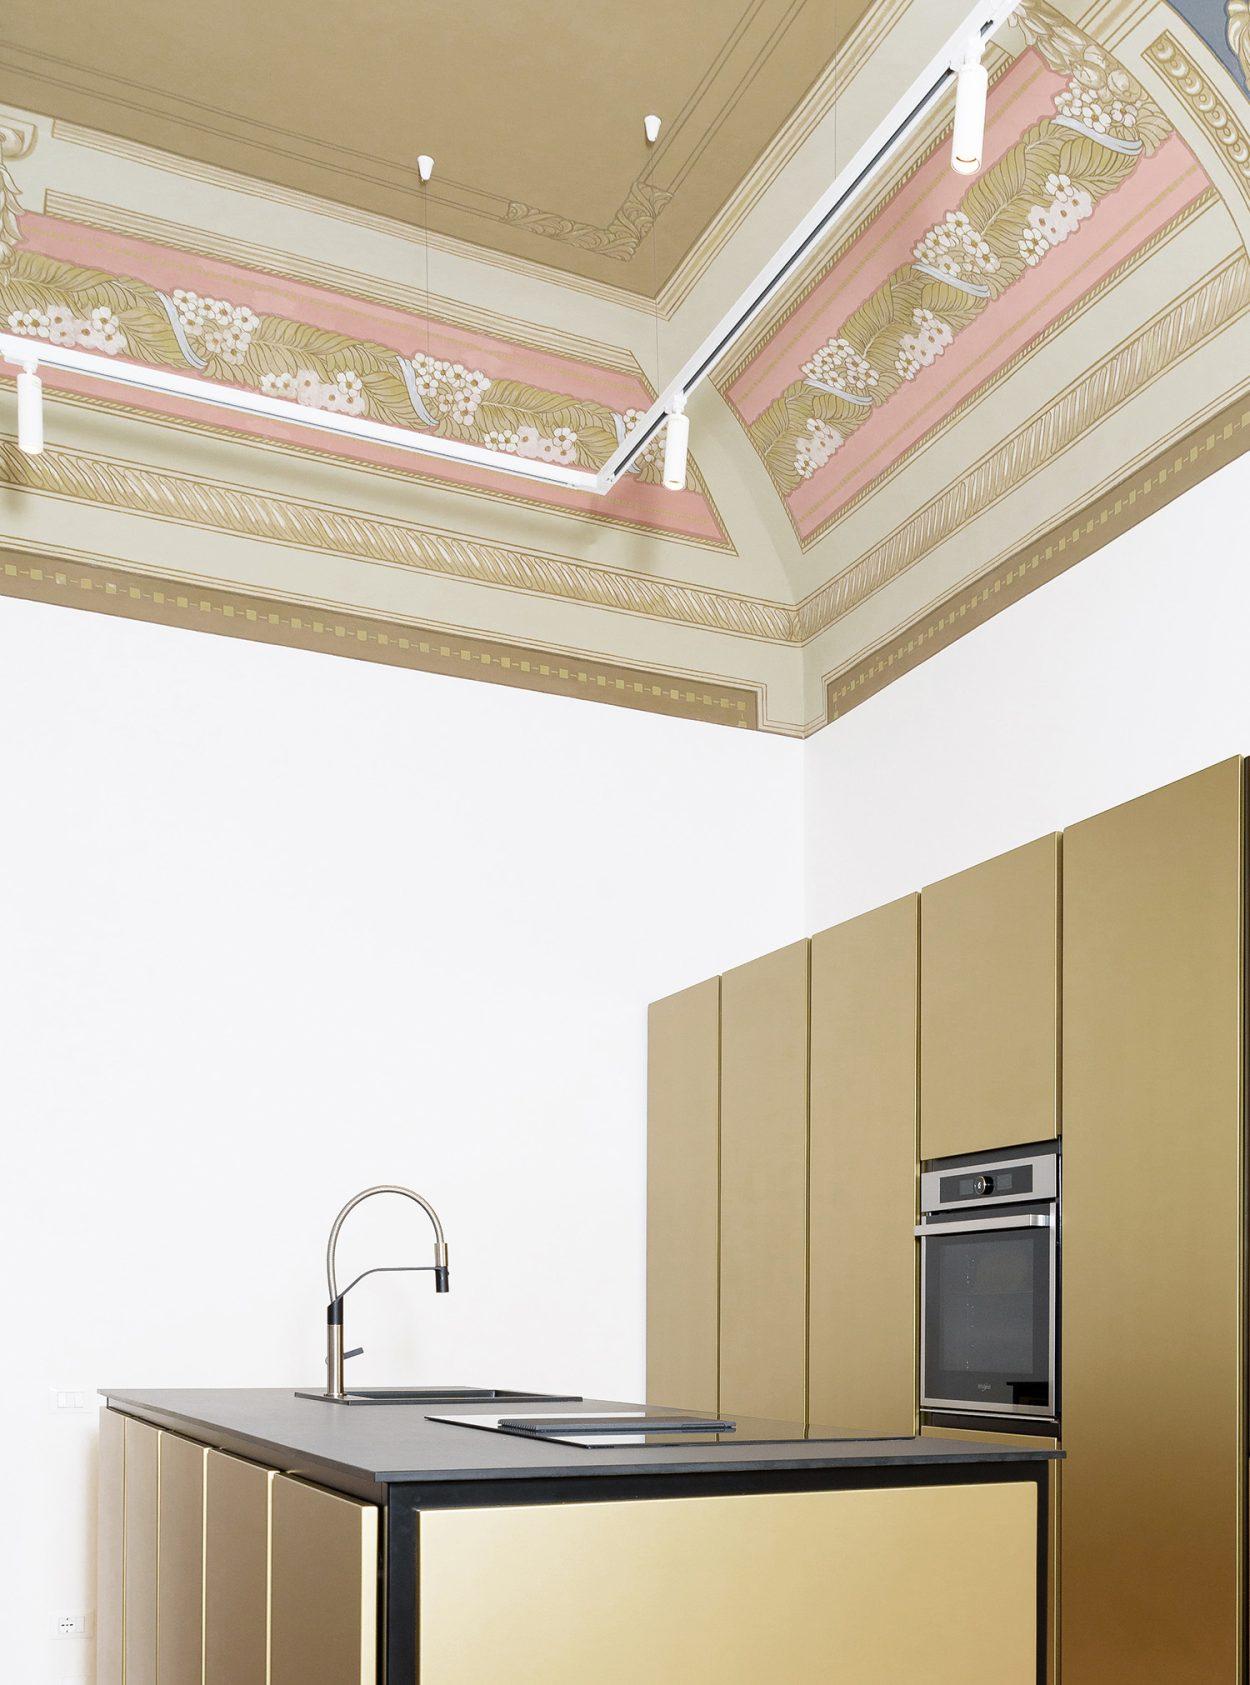 15bis-Ristrutturazione-Appartamento-Cesena-moderno-1250x1685.jpg